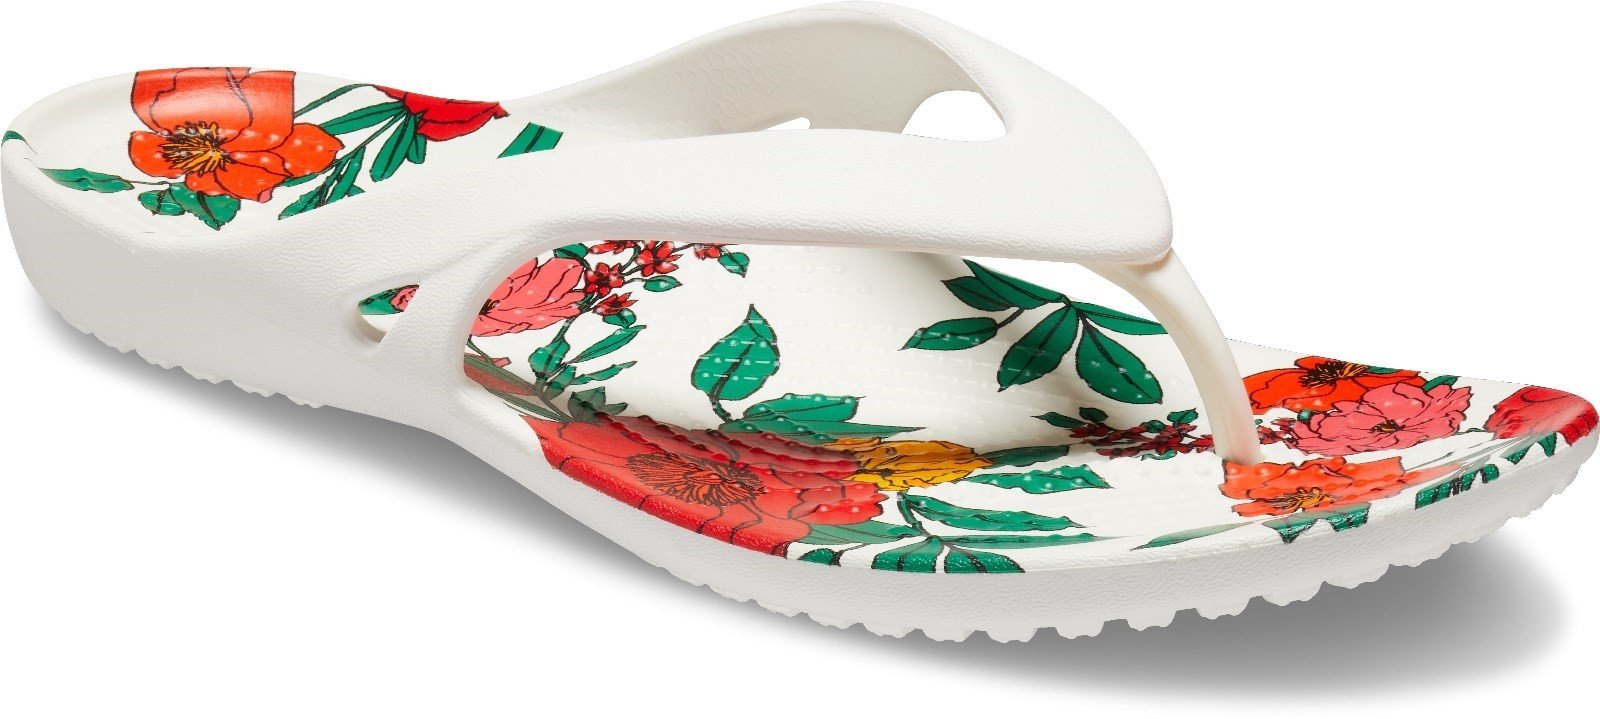 Crocs Women's Kadee II Print Floral Flip Flop Multicolor 30617 - White/Floral 3